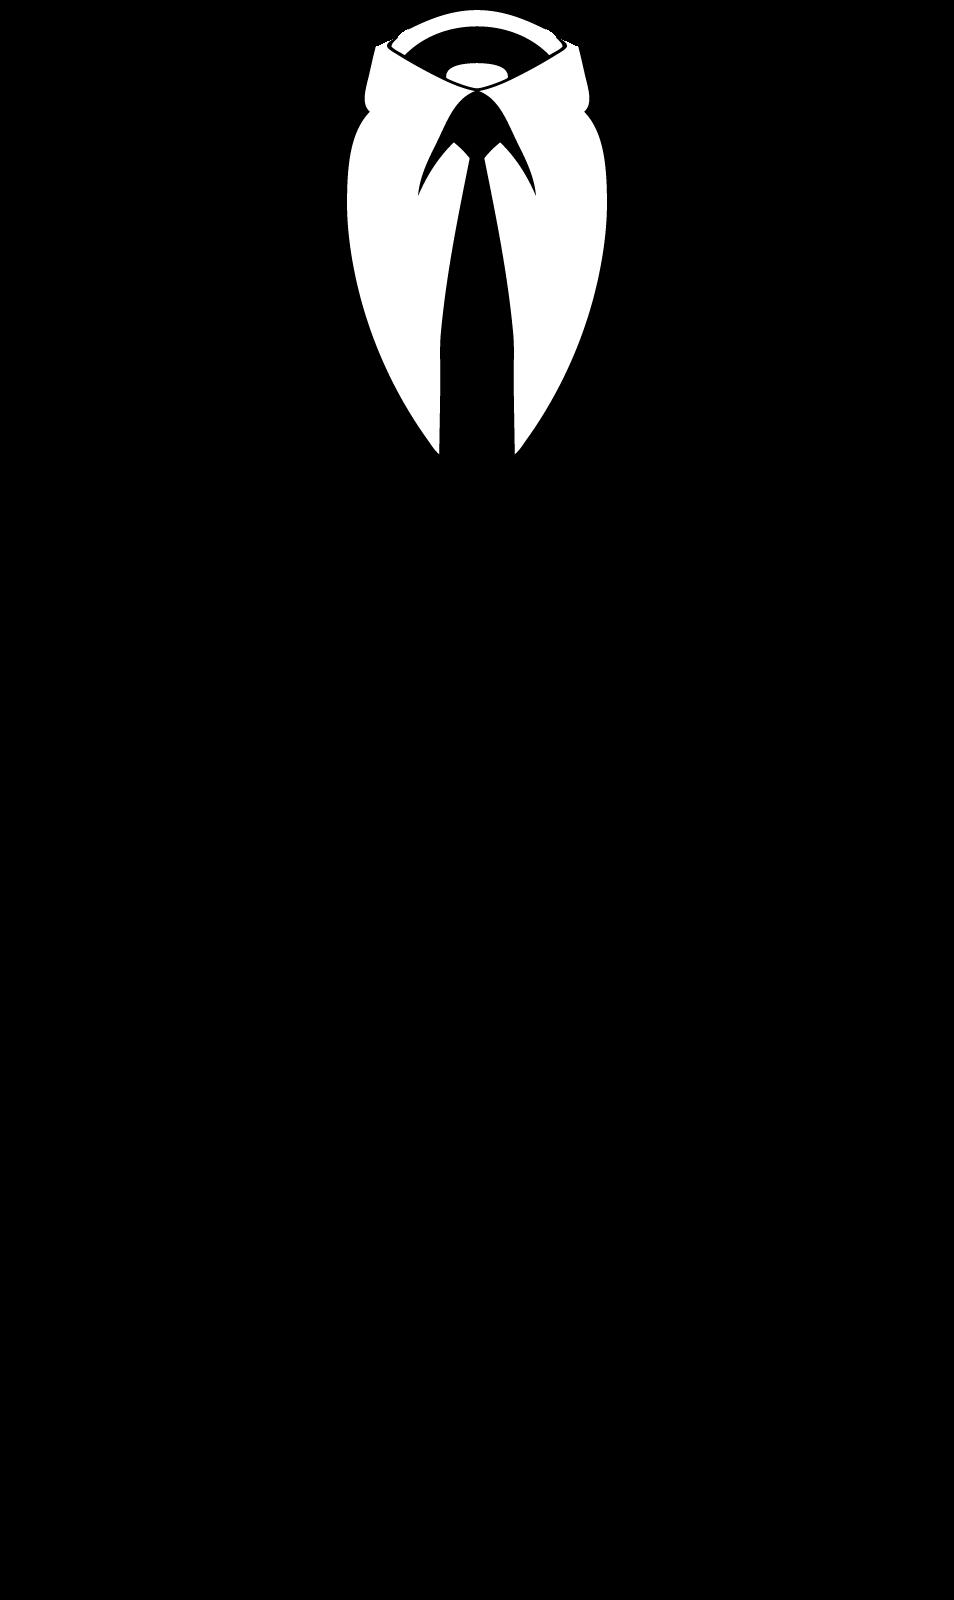 Jacket clipart men\'s suit, Jacket men\'s suit Transparent.